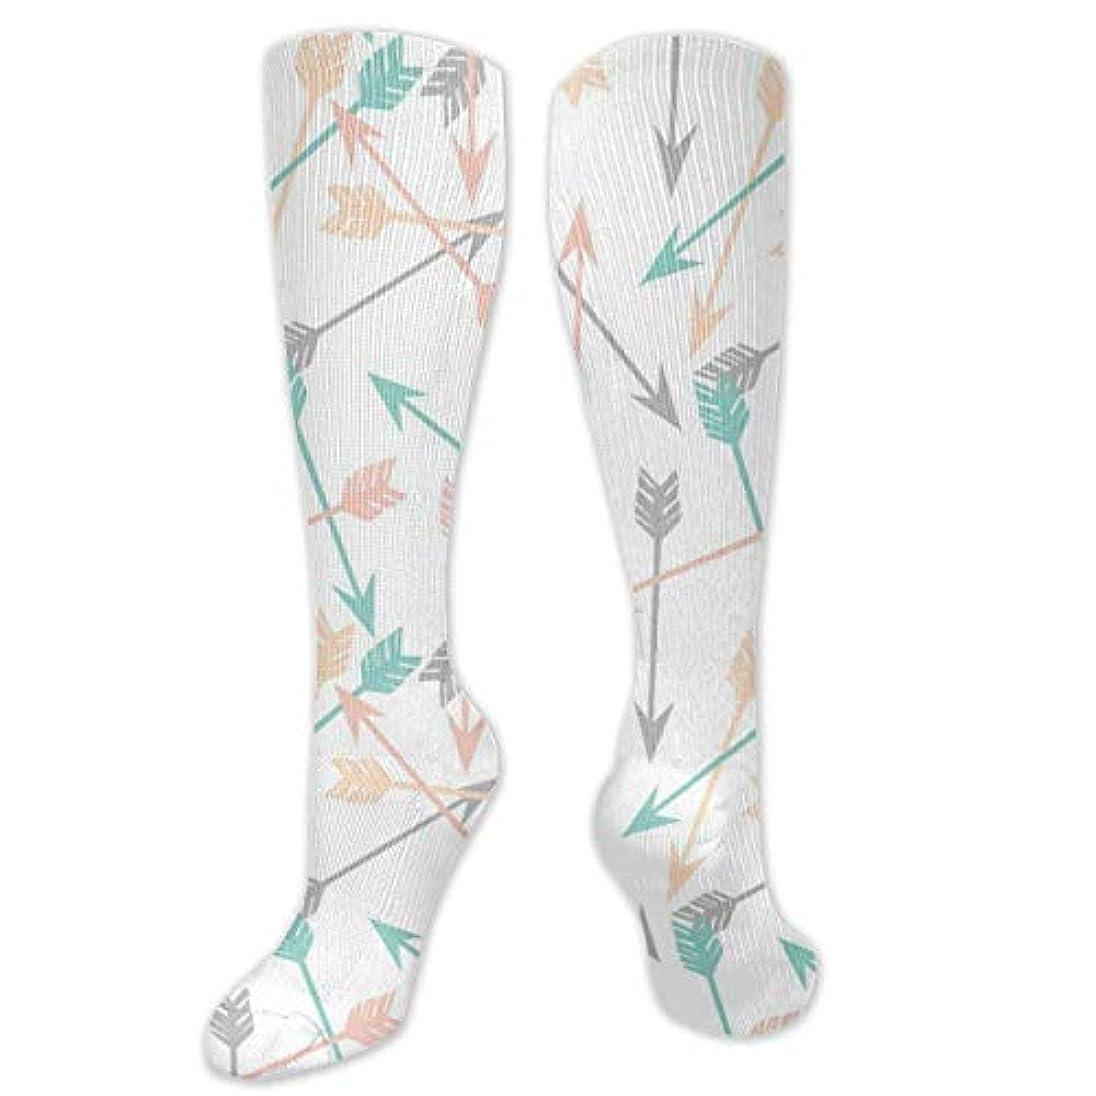 真似るオーロックマルクス主義靴下,ストッキング,野生のジョーカー,実際,秋の本質,冬必須,サマーウェア&RBXAA Arrows Watercolor Socks Women's Winter Cotton Long Tube Socks Cotton...